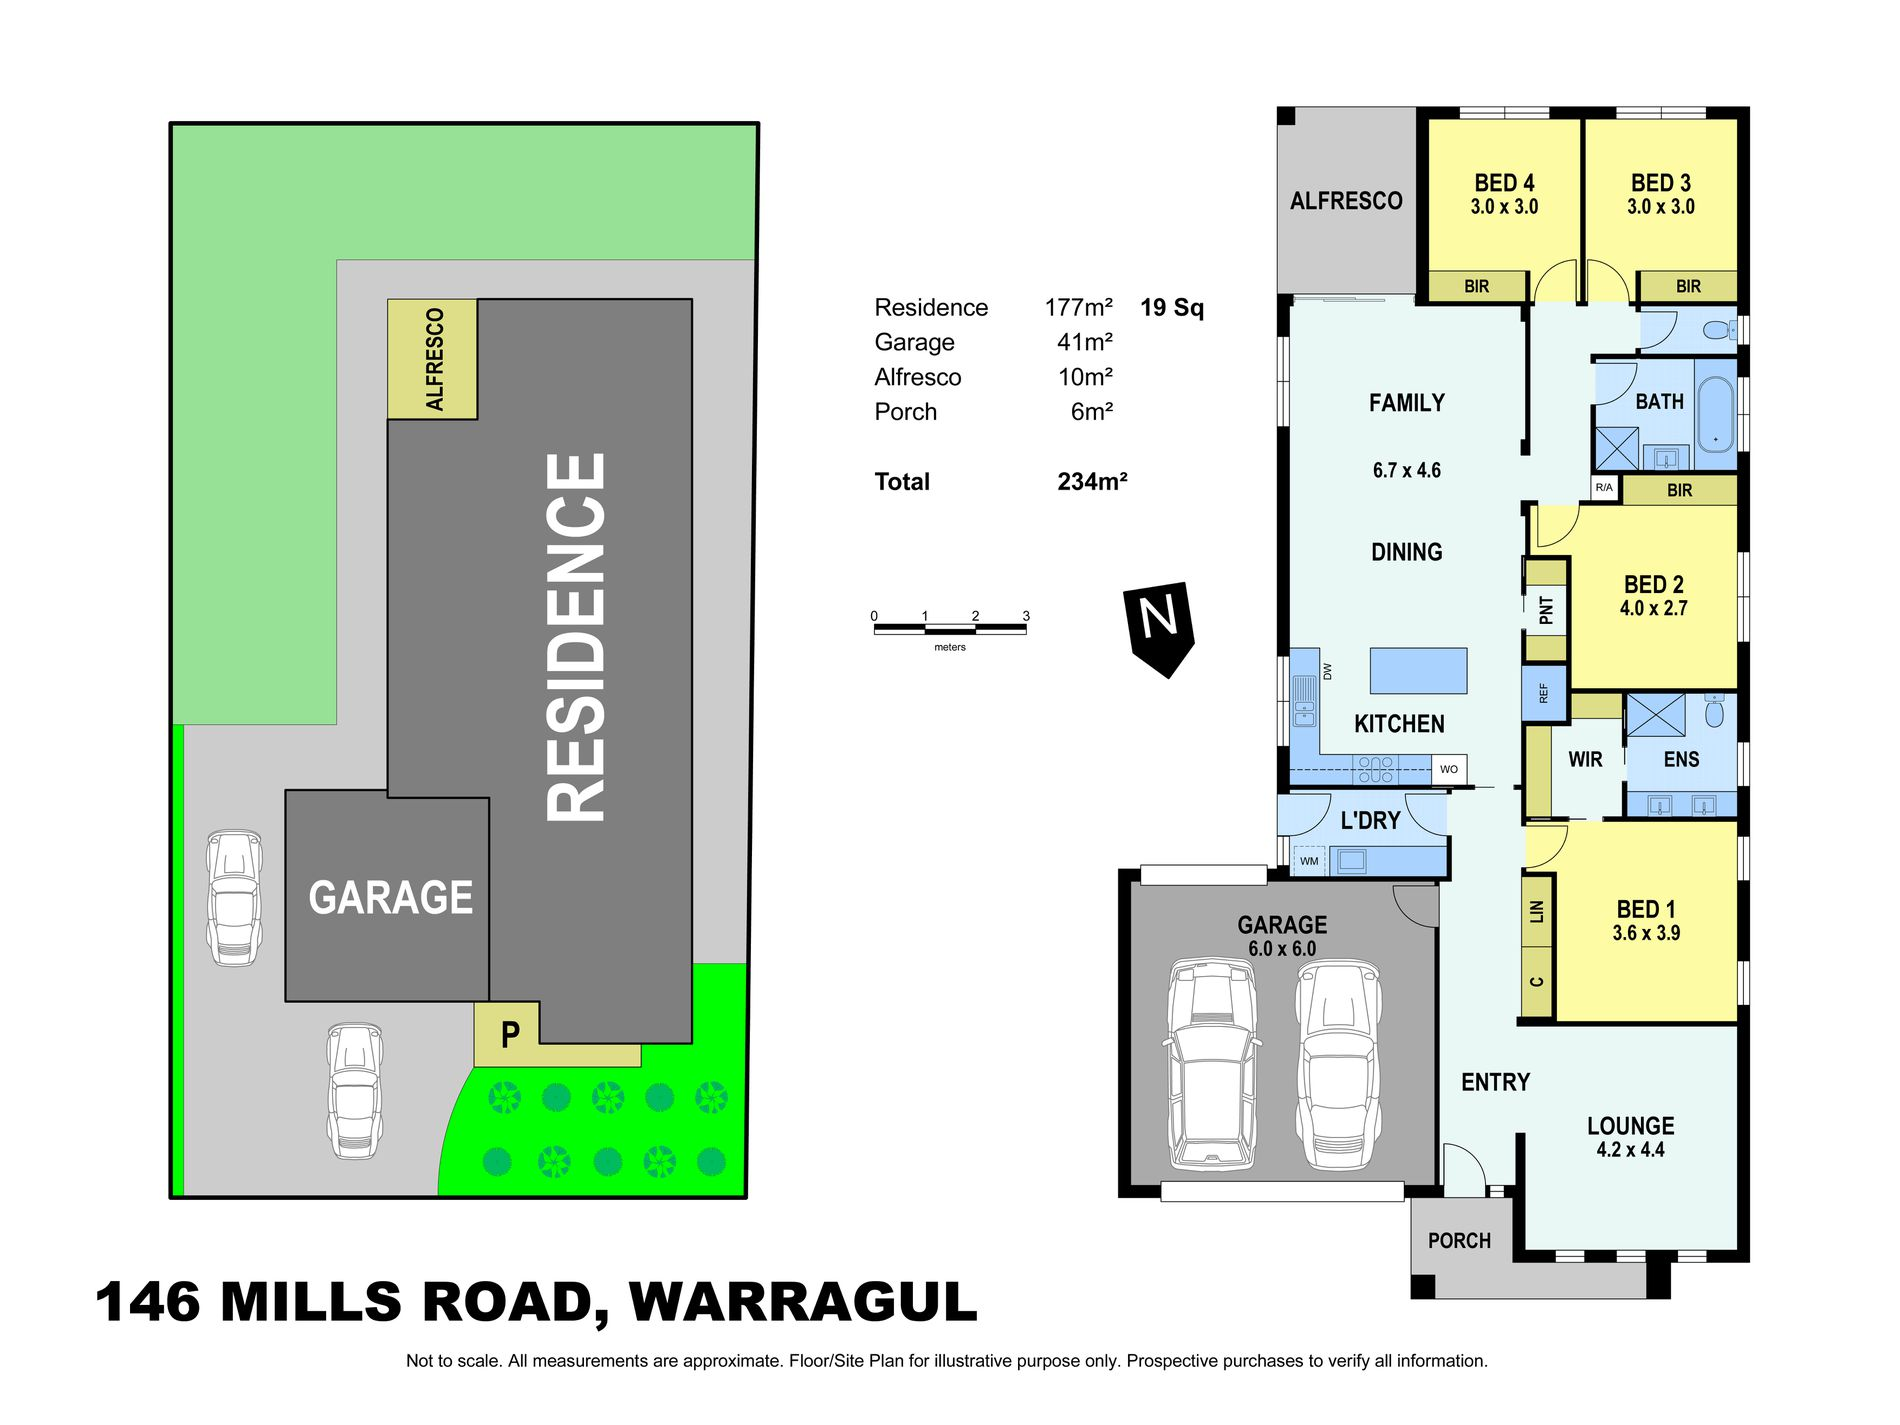 146 Mills Road, Warragul